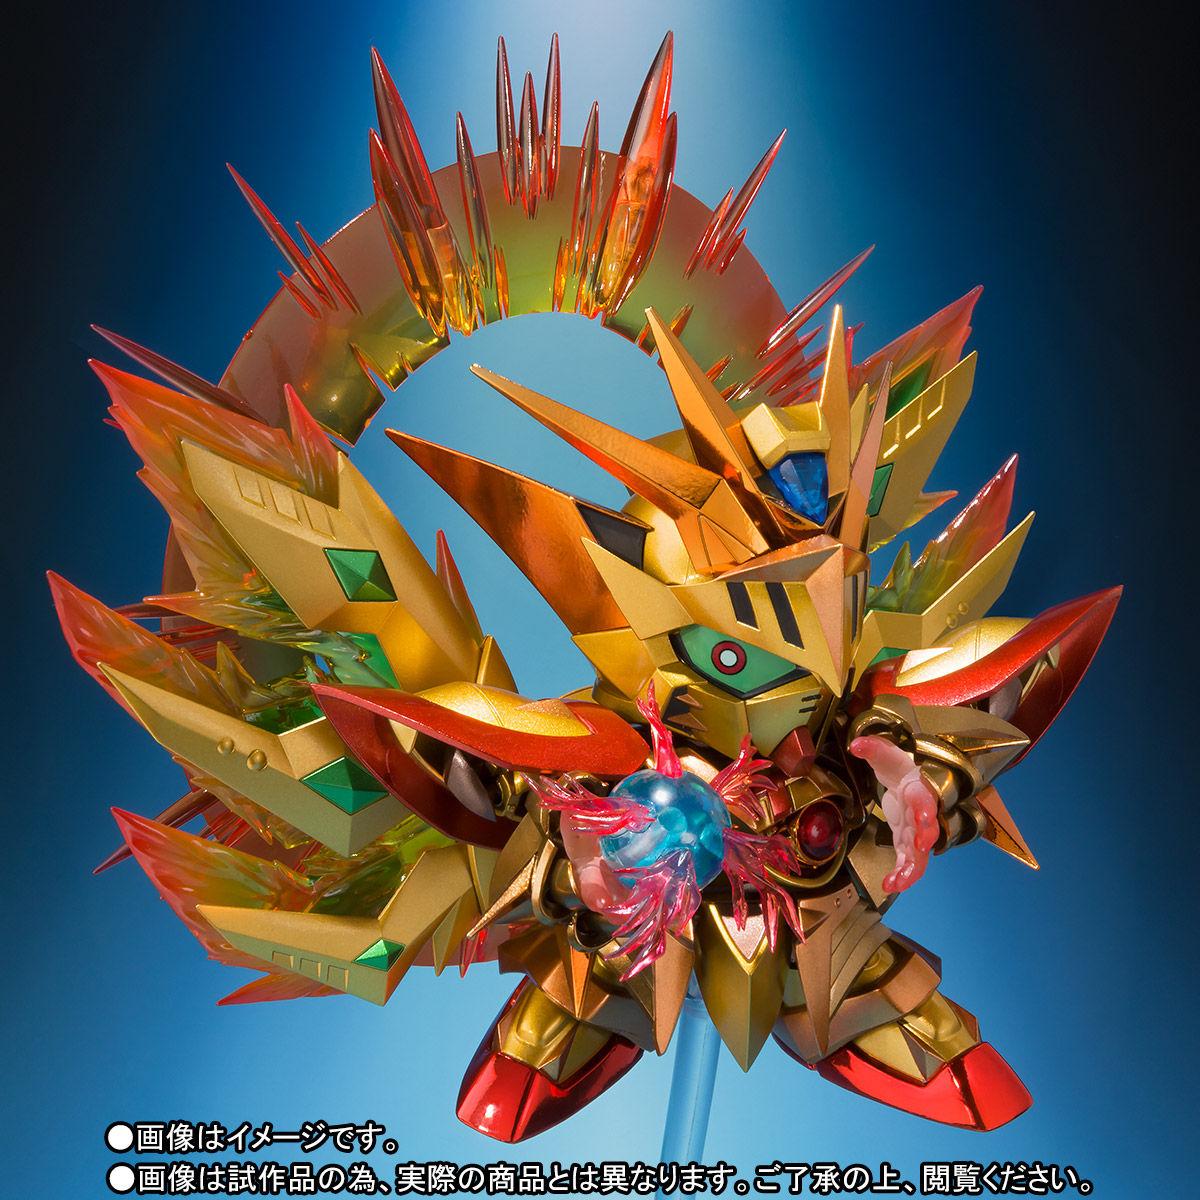 SDX『太陽騎士ゴッドガンダム 明鏡止水ゴールドバージョン』新SDガンダム外伝 可動フィギュア-008